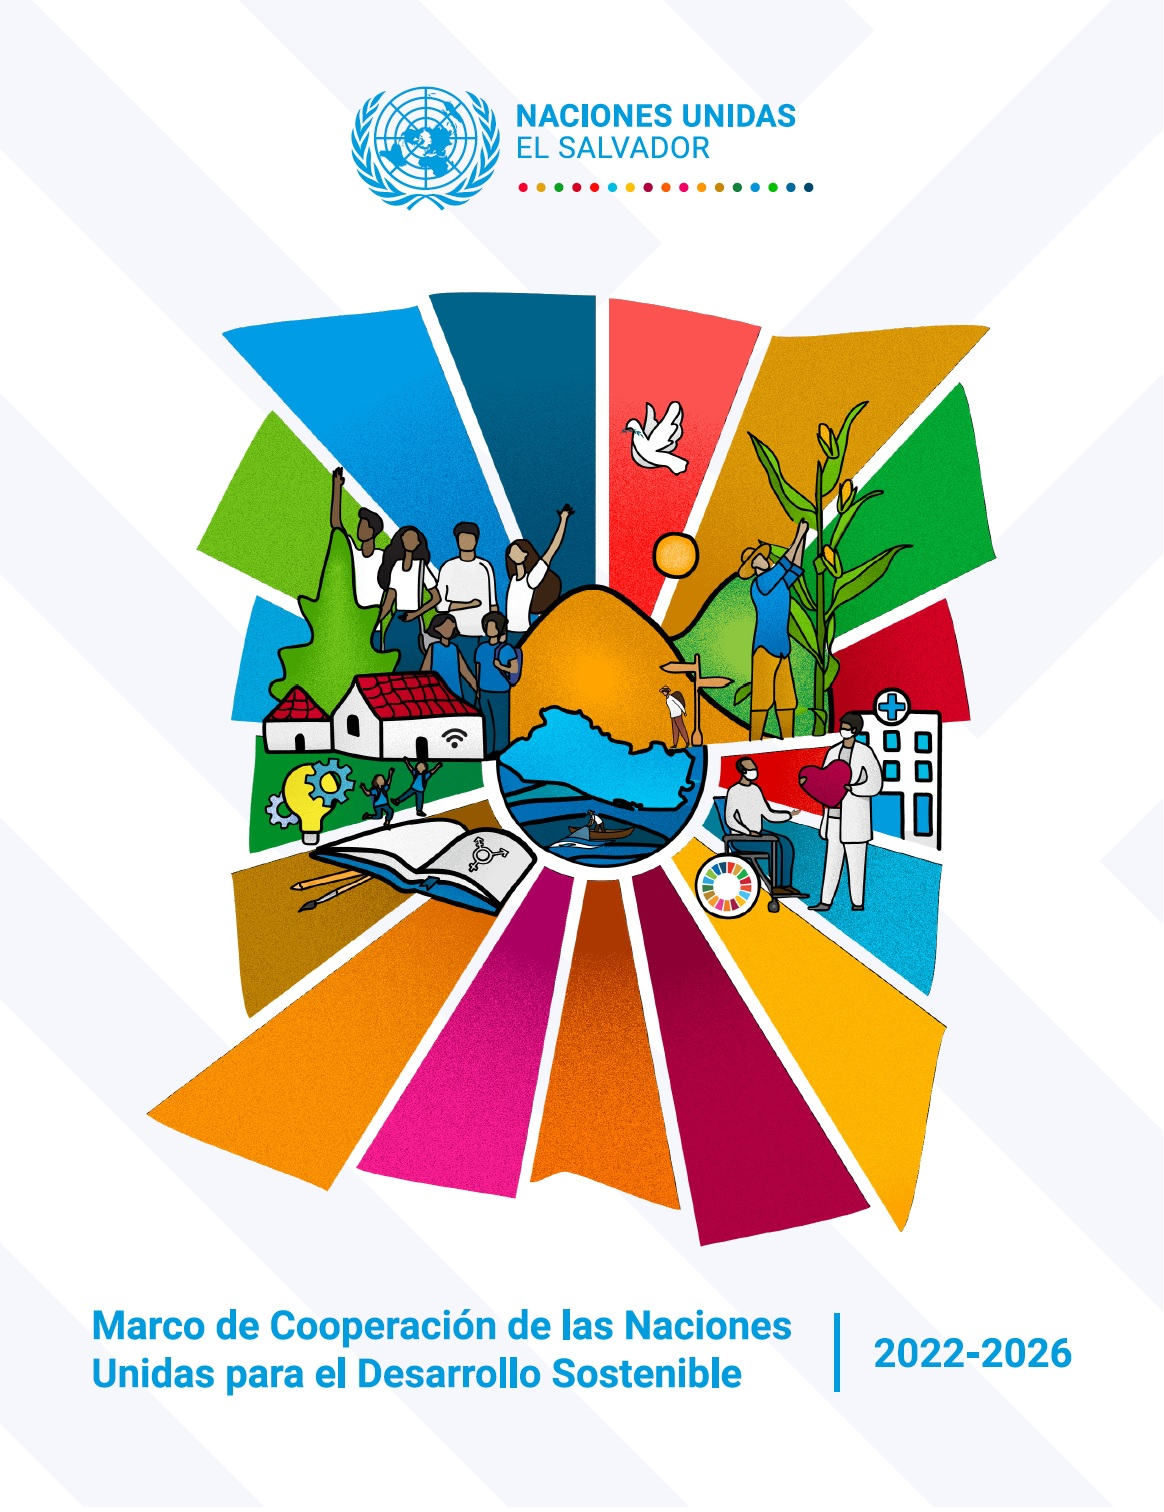 Marco de Cooperación de las Naciones Unidas para el Desarrollo Sostenible 2022-2026